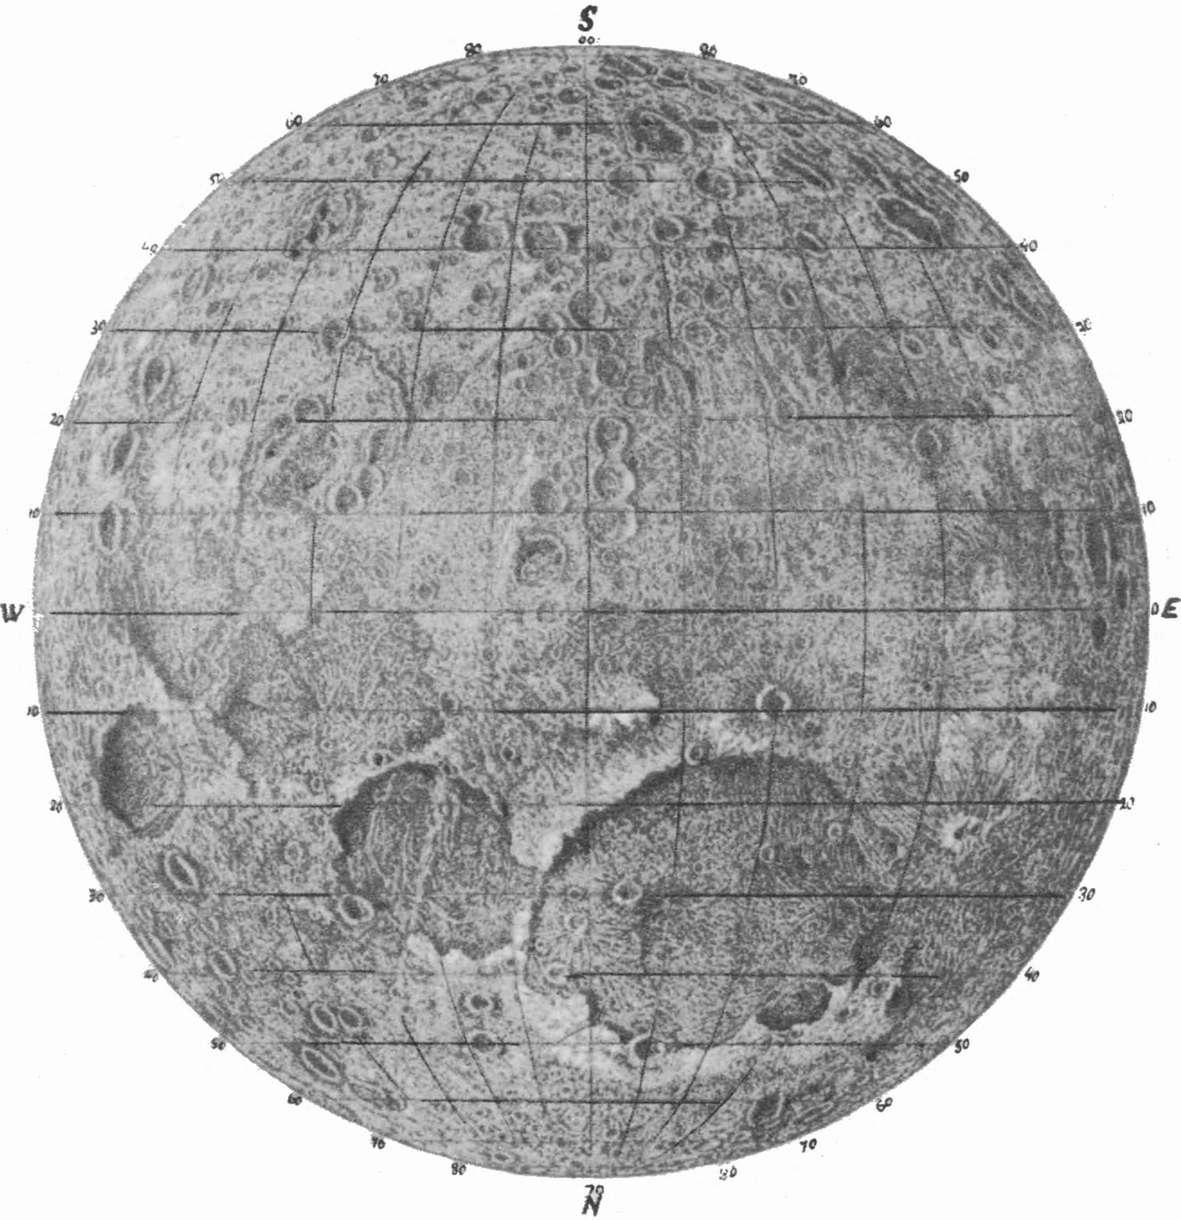 Исчезнувшая цивилизация на Луне